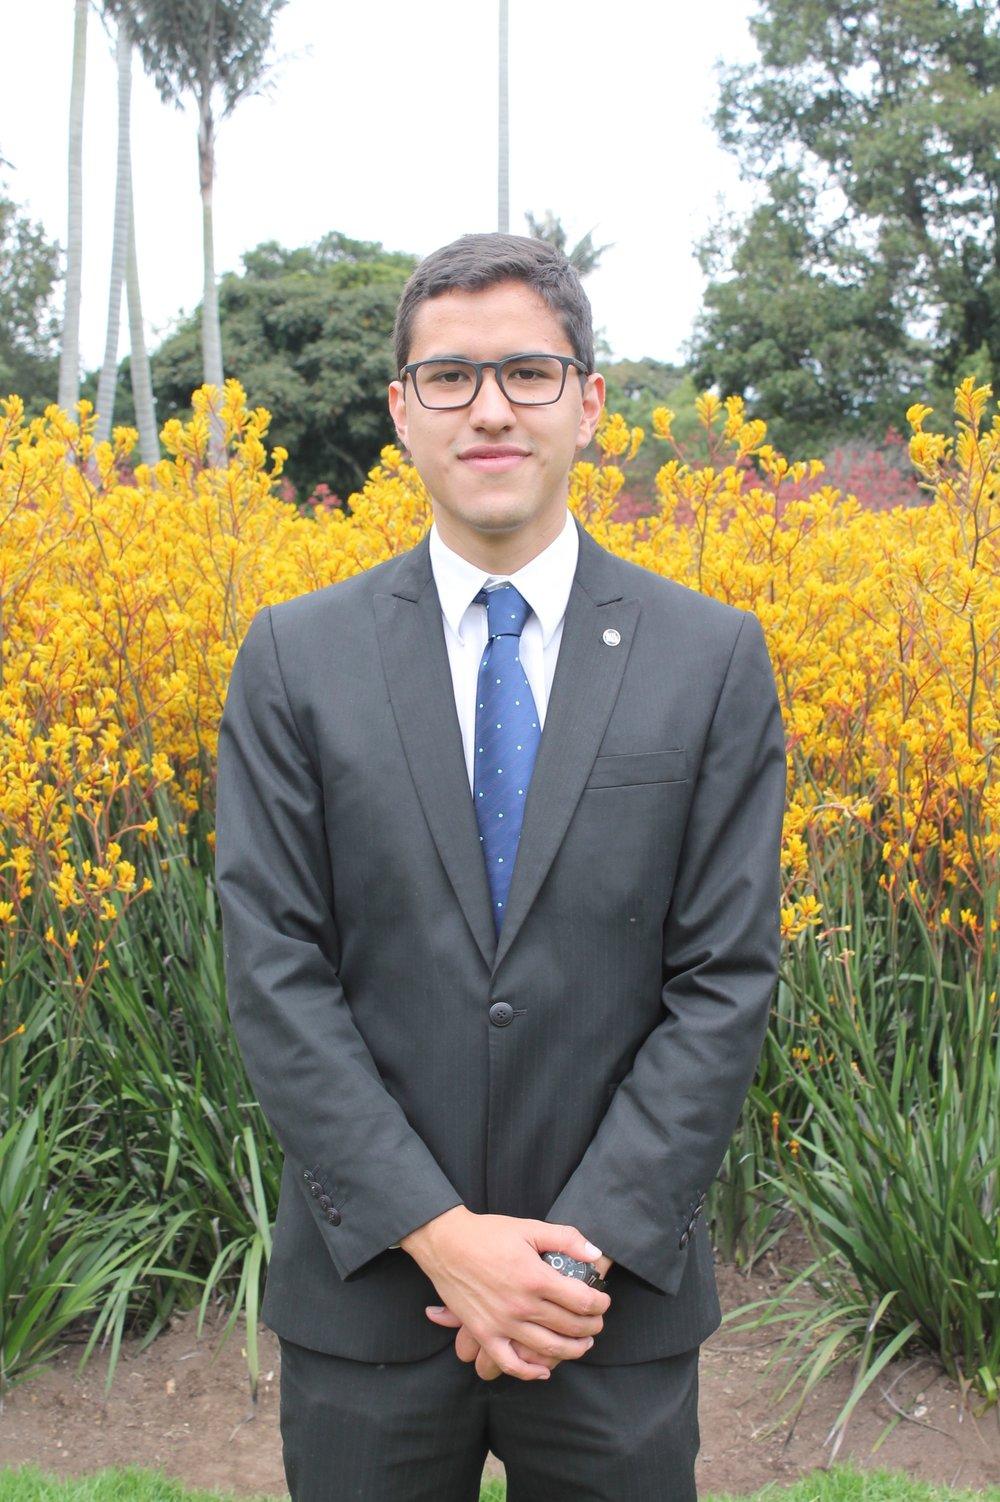 Guido es un tipo muy divertido, buena persona, que le gusta andar por los campos de flores.